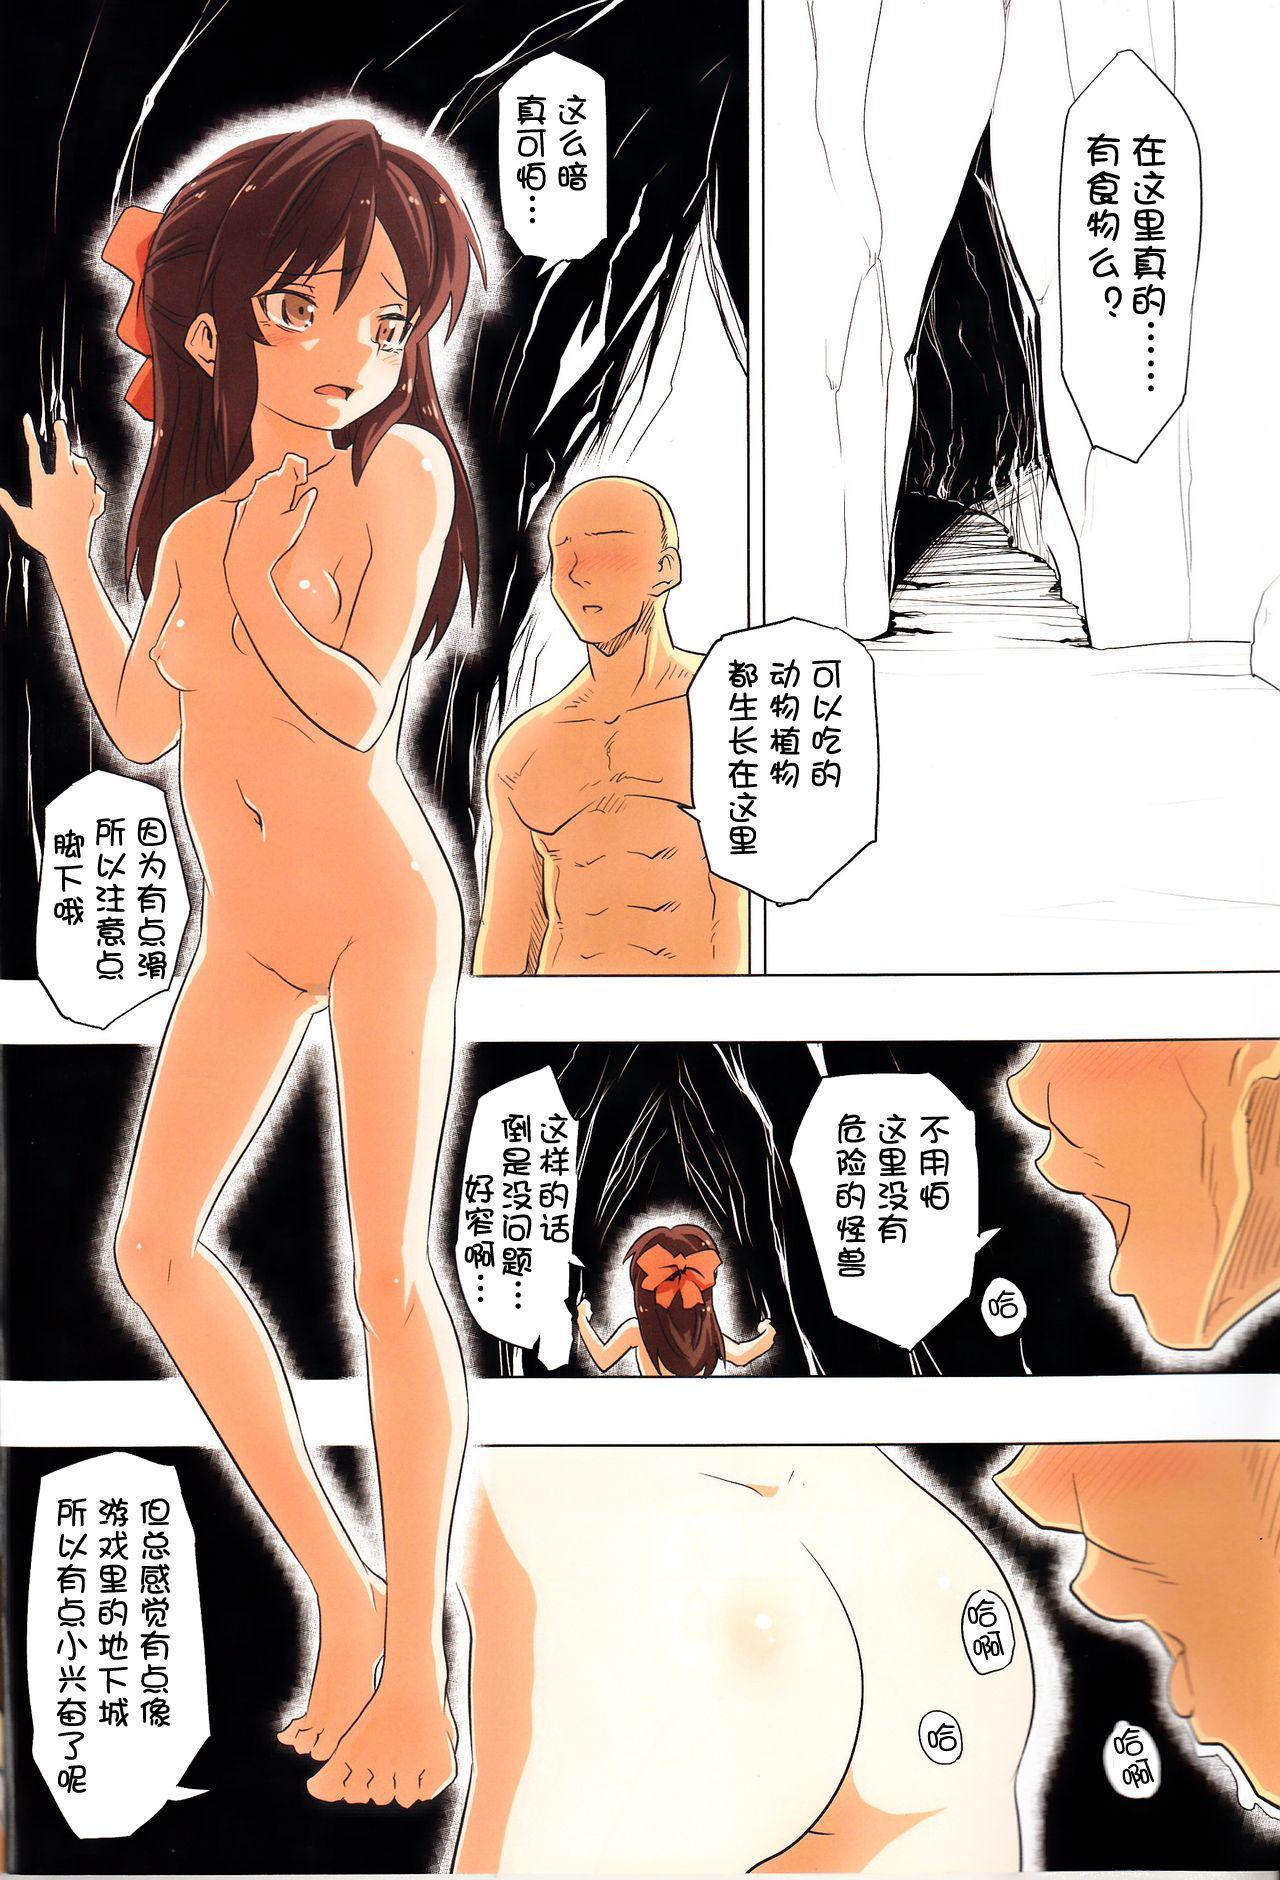 Jibun no Mihitotsu de Isekai ni Teni shita Onnanoko no Hanashi 16